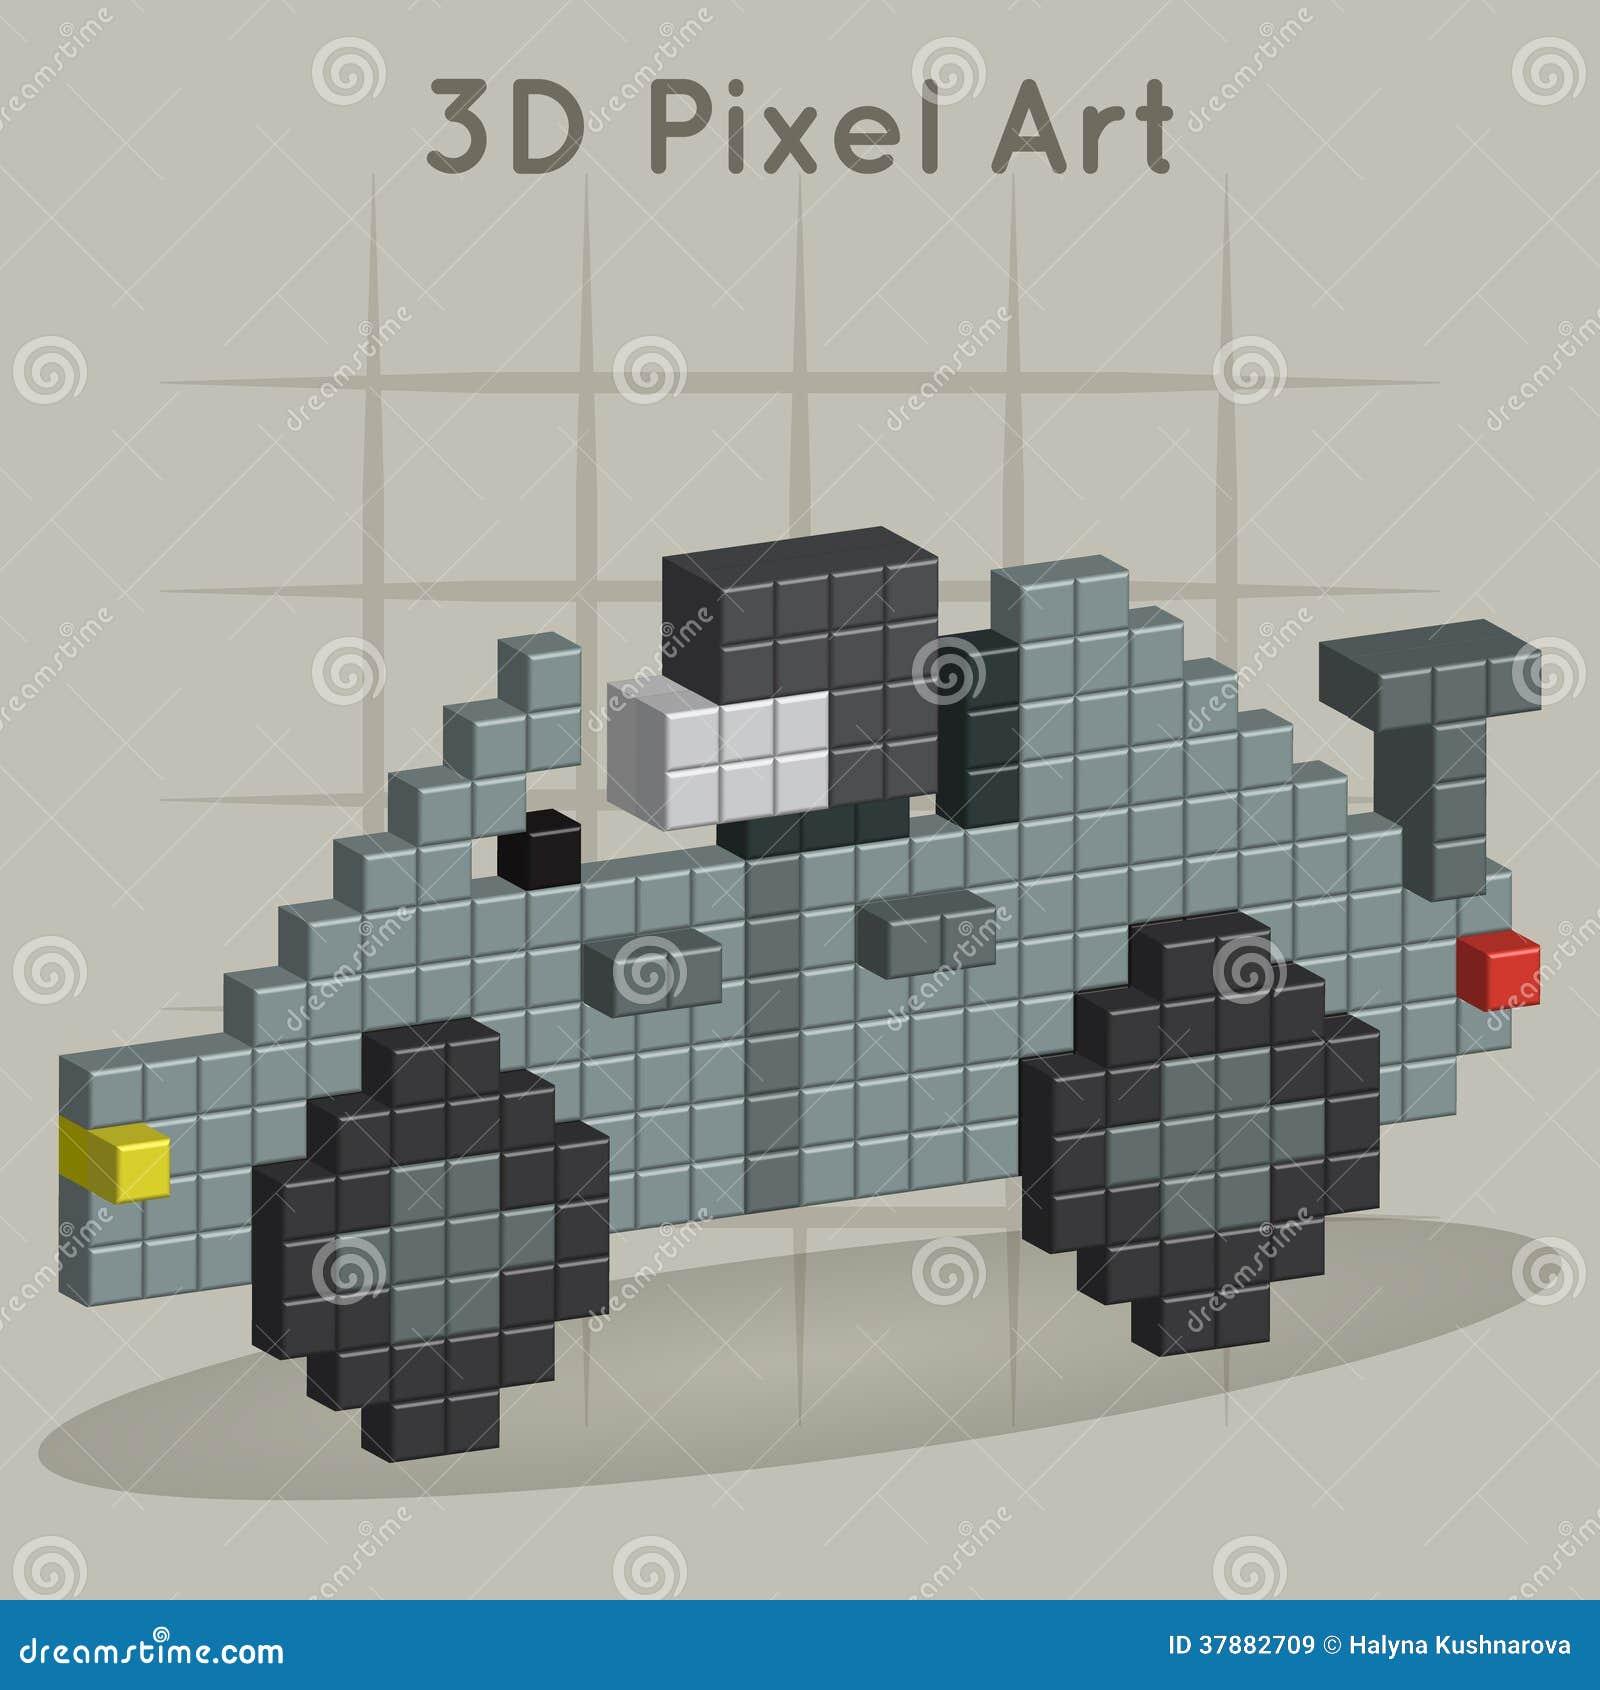 Raceauto. 3D Pixelart.